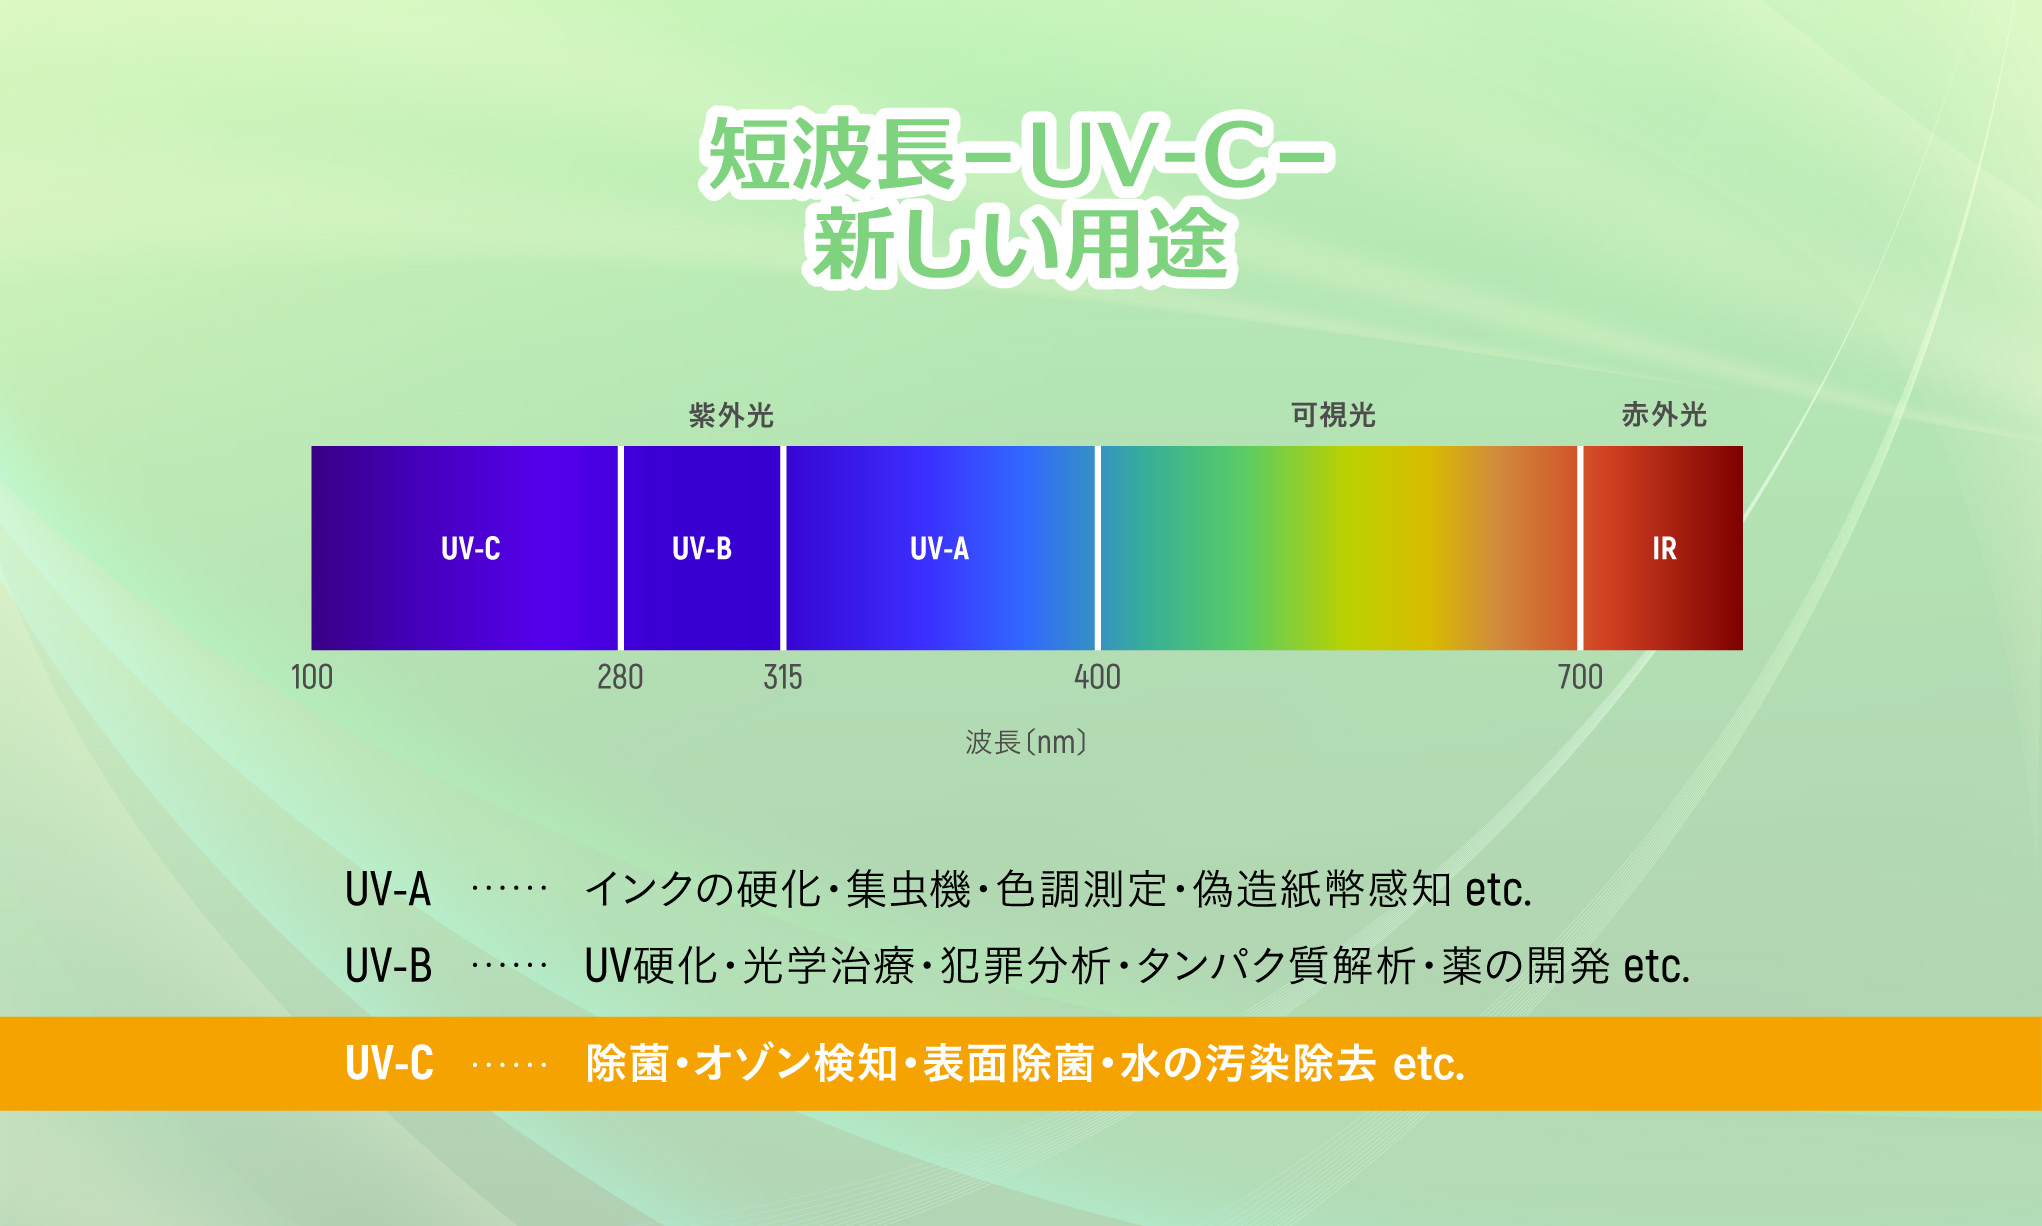 短波長-UV-C-新しい用途